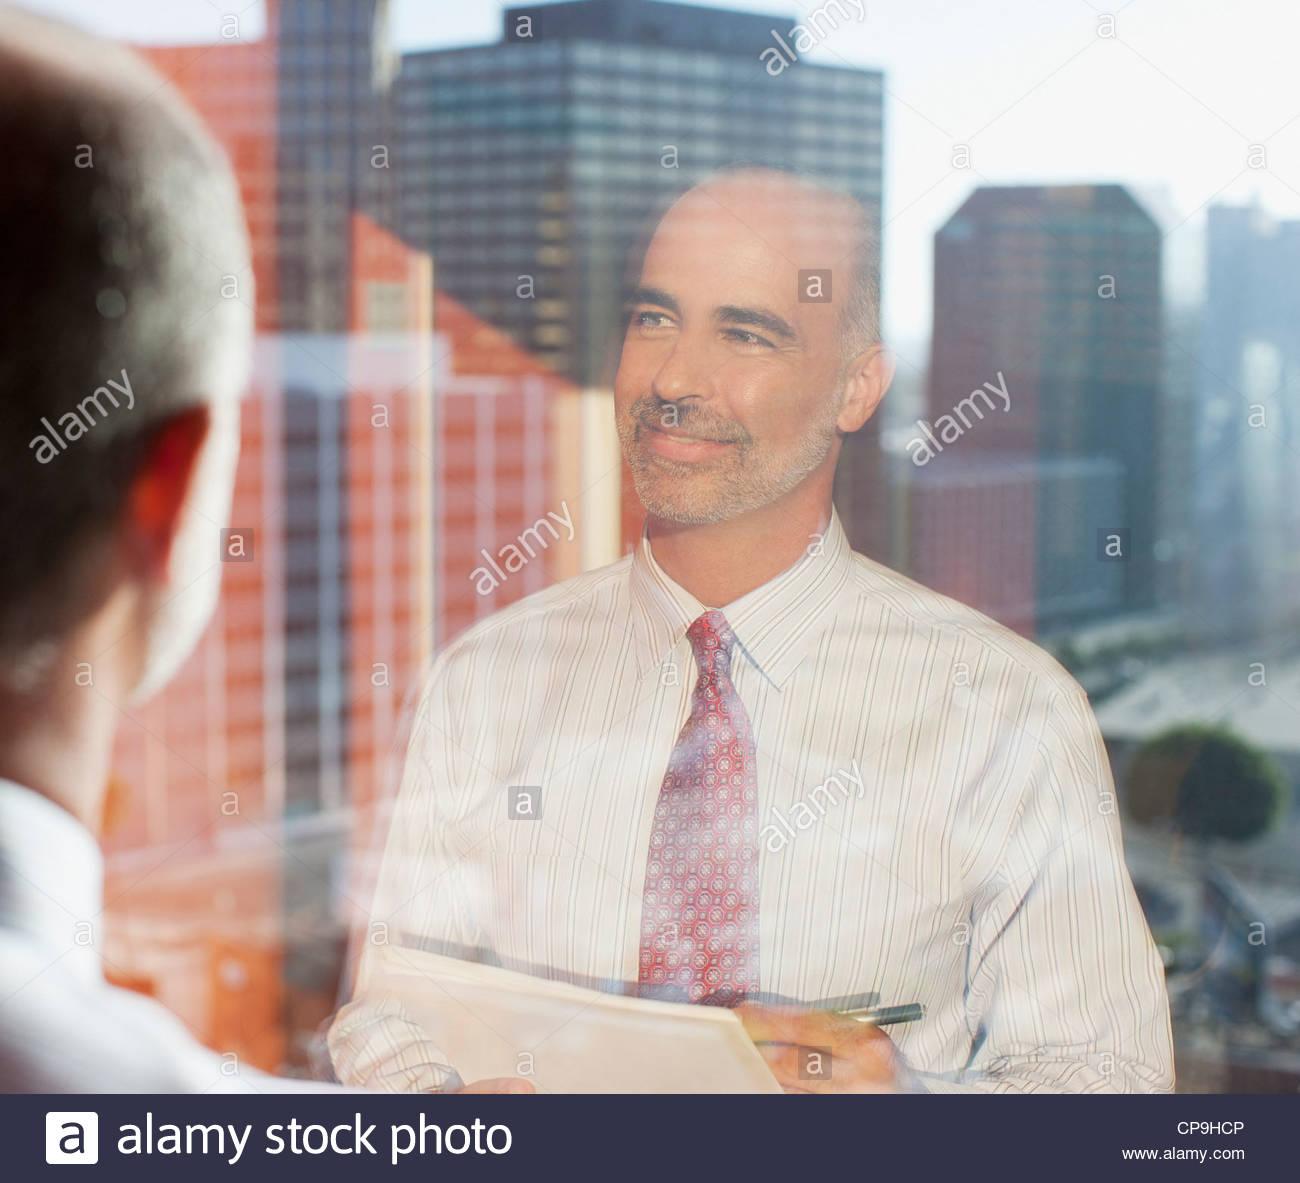 50-54 años,ambición,calvo,negocios,traje de negocios,empresario,California,la vida de la ciudad,color Imagen De Stock